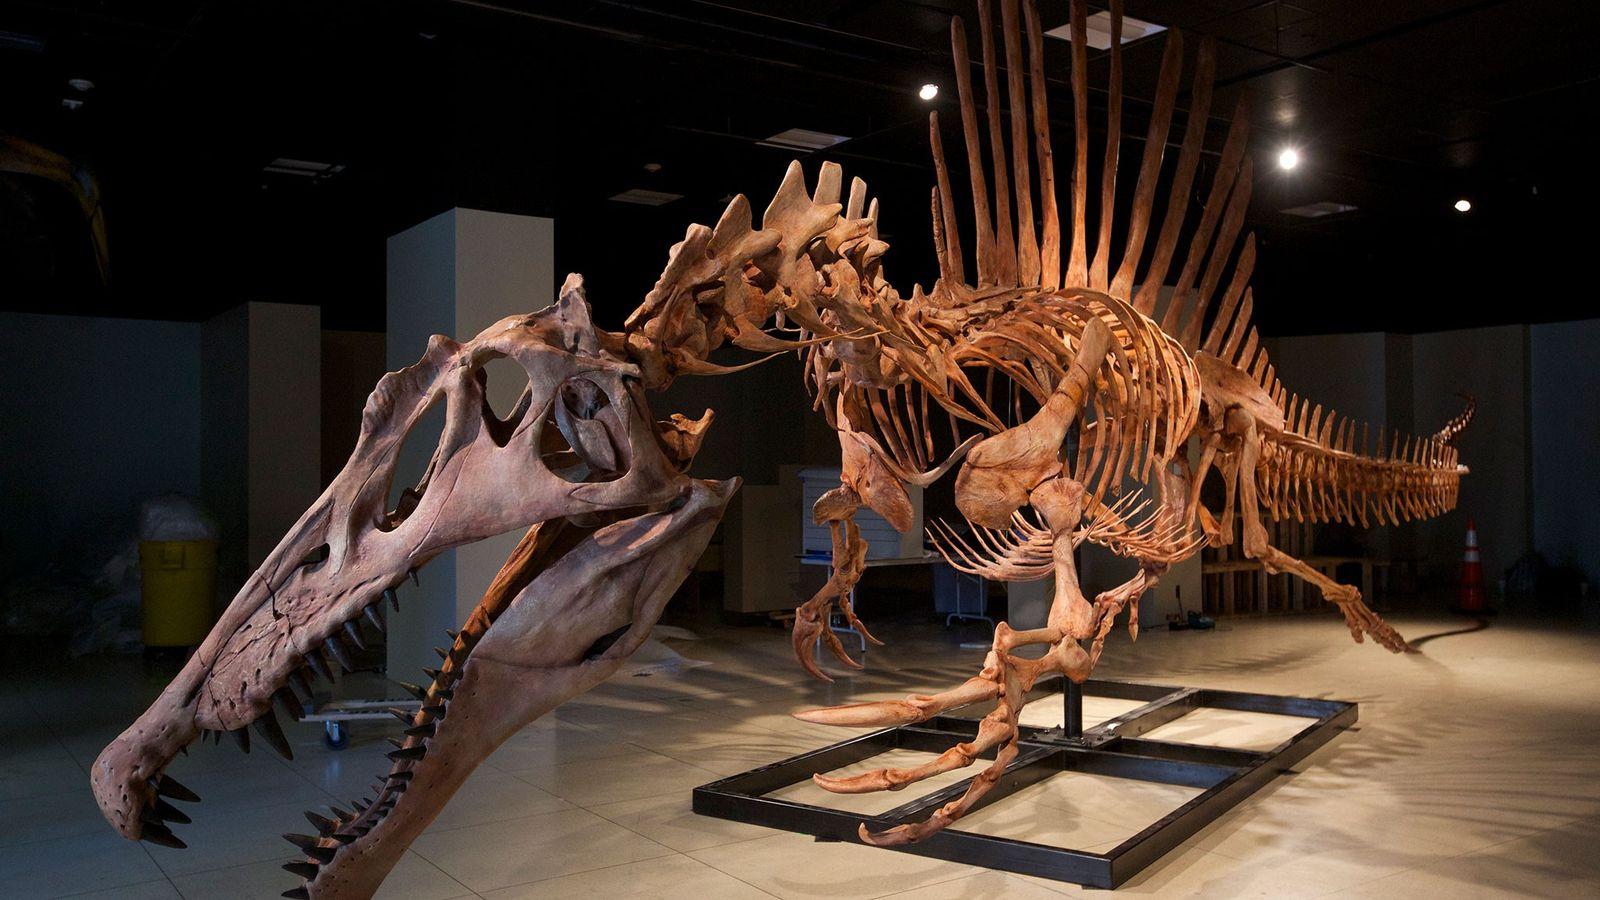 Ein lebensgroßes Modell des Skeletts eines Spinosaurus aegyptiacus, dem größten fleischfressenden Dinosaurier, der je gefunden wurde.